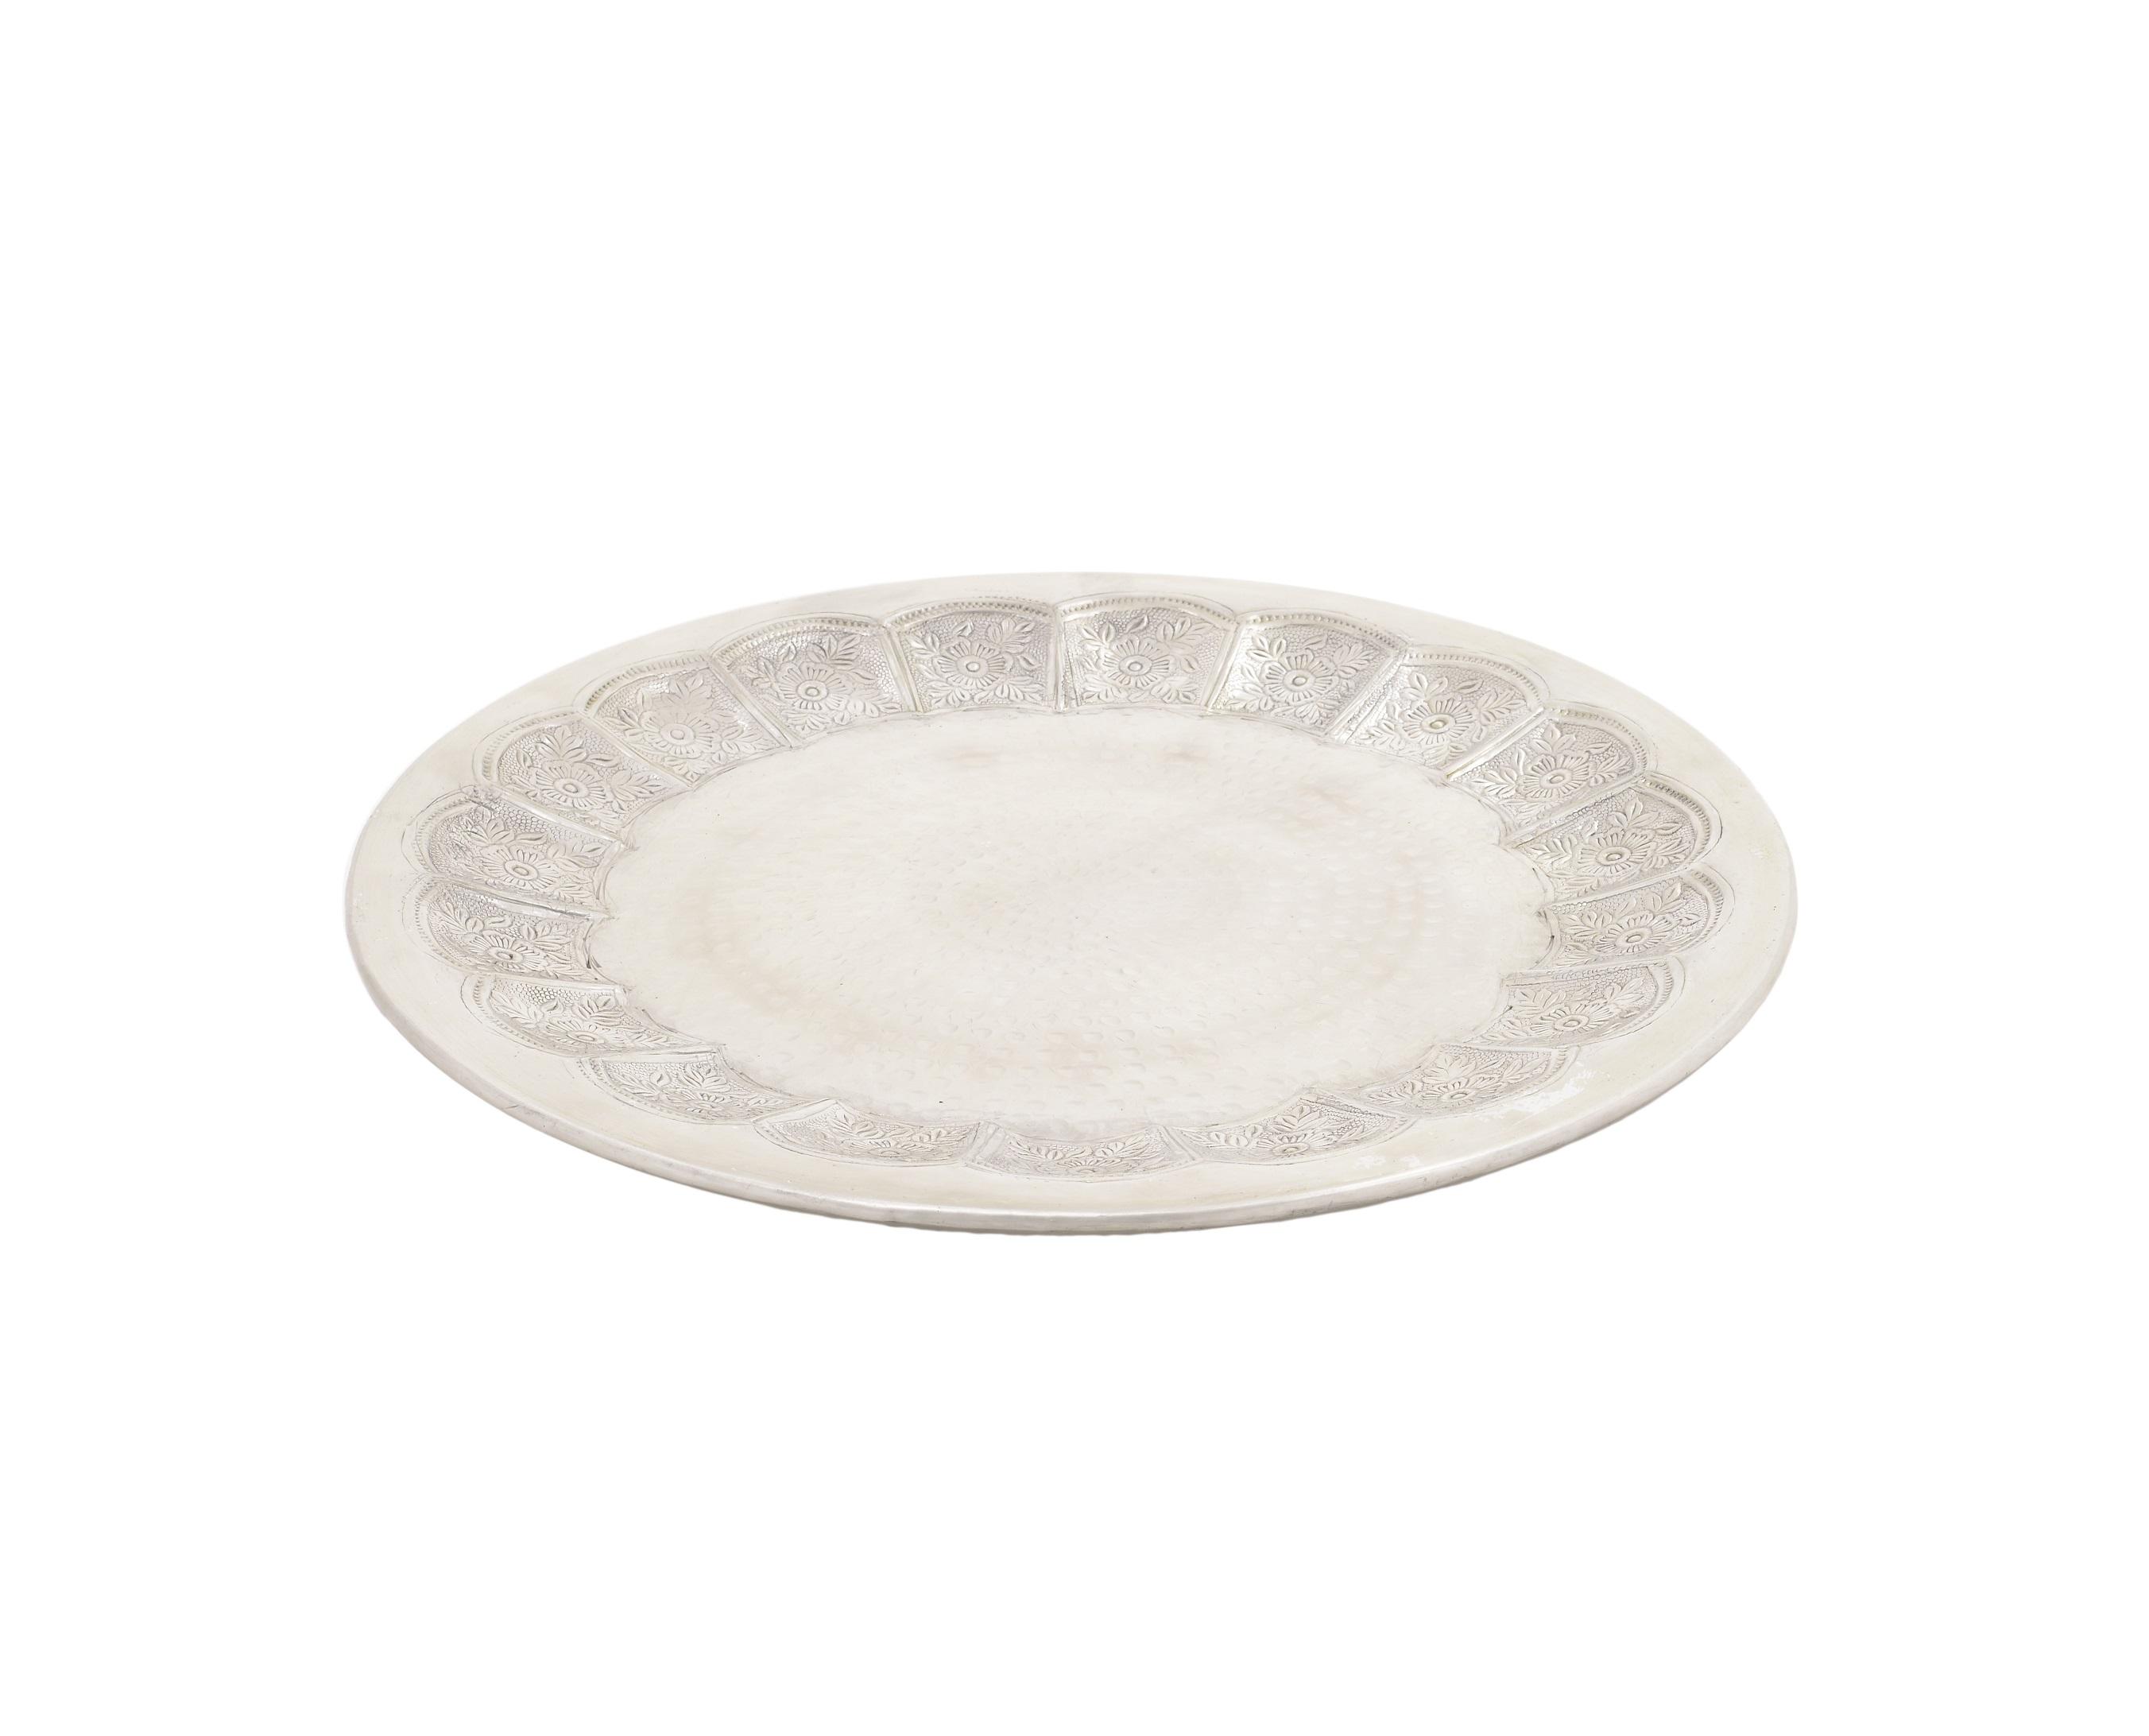 Блюдо Sk?vdeДекоративные блюда<br><br><br>Material: Алюминий<br>Ширина см: 50.0<br>Высота см: 2.0<br>Глубина см: 50.0